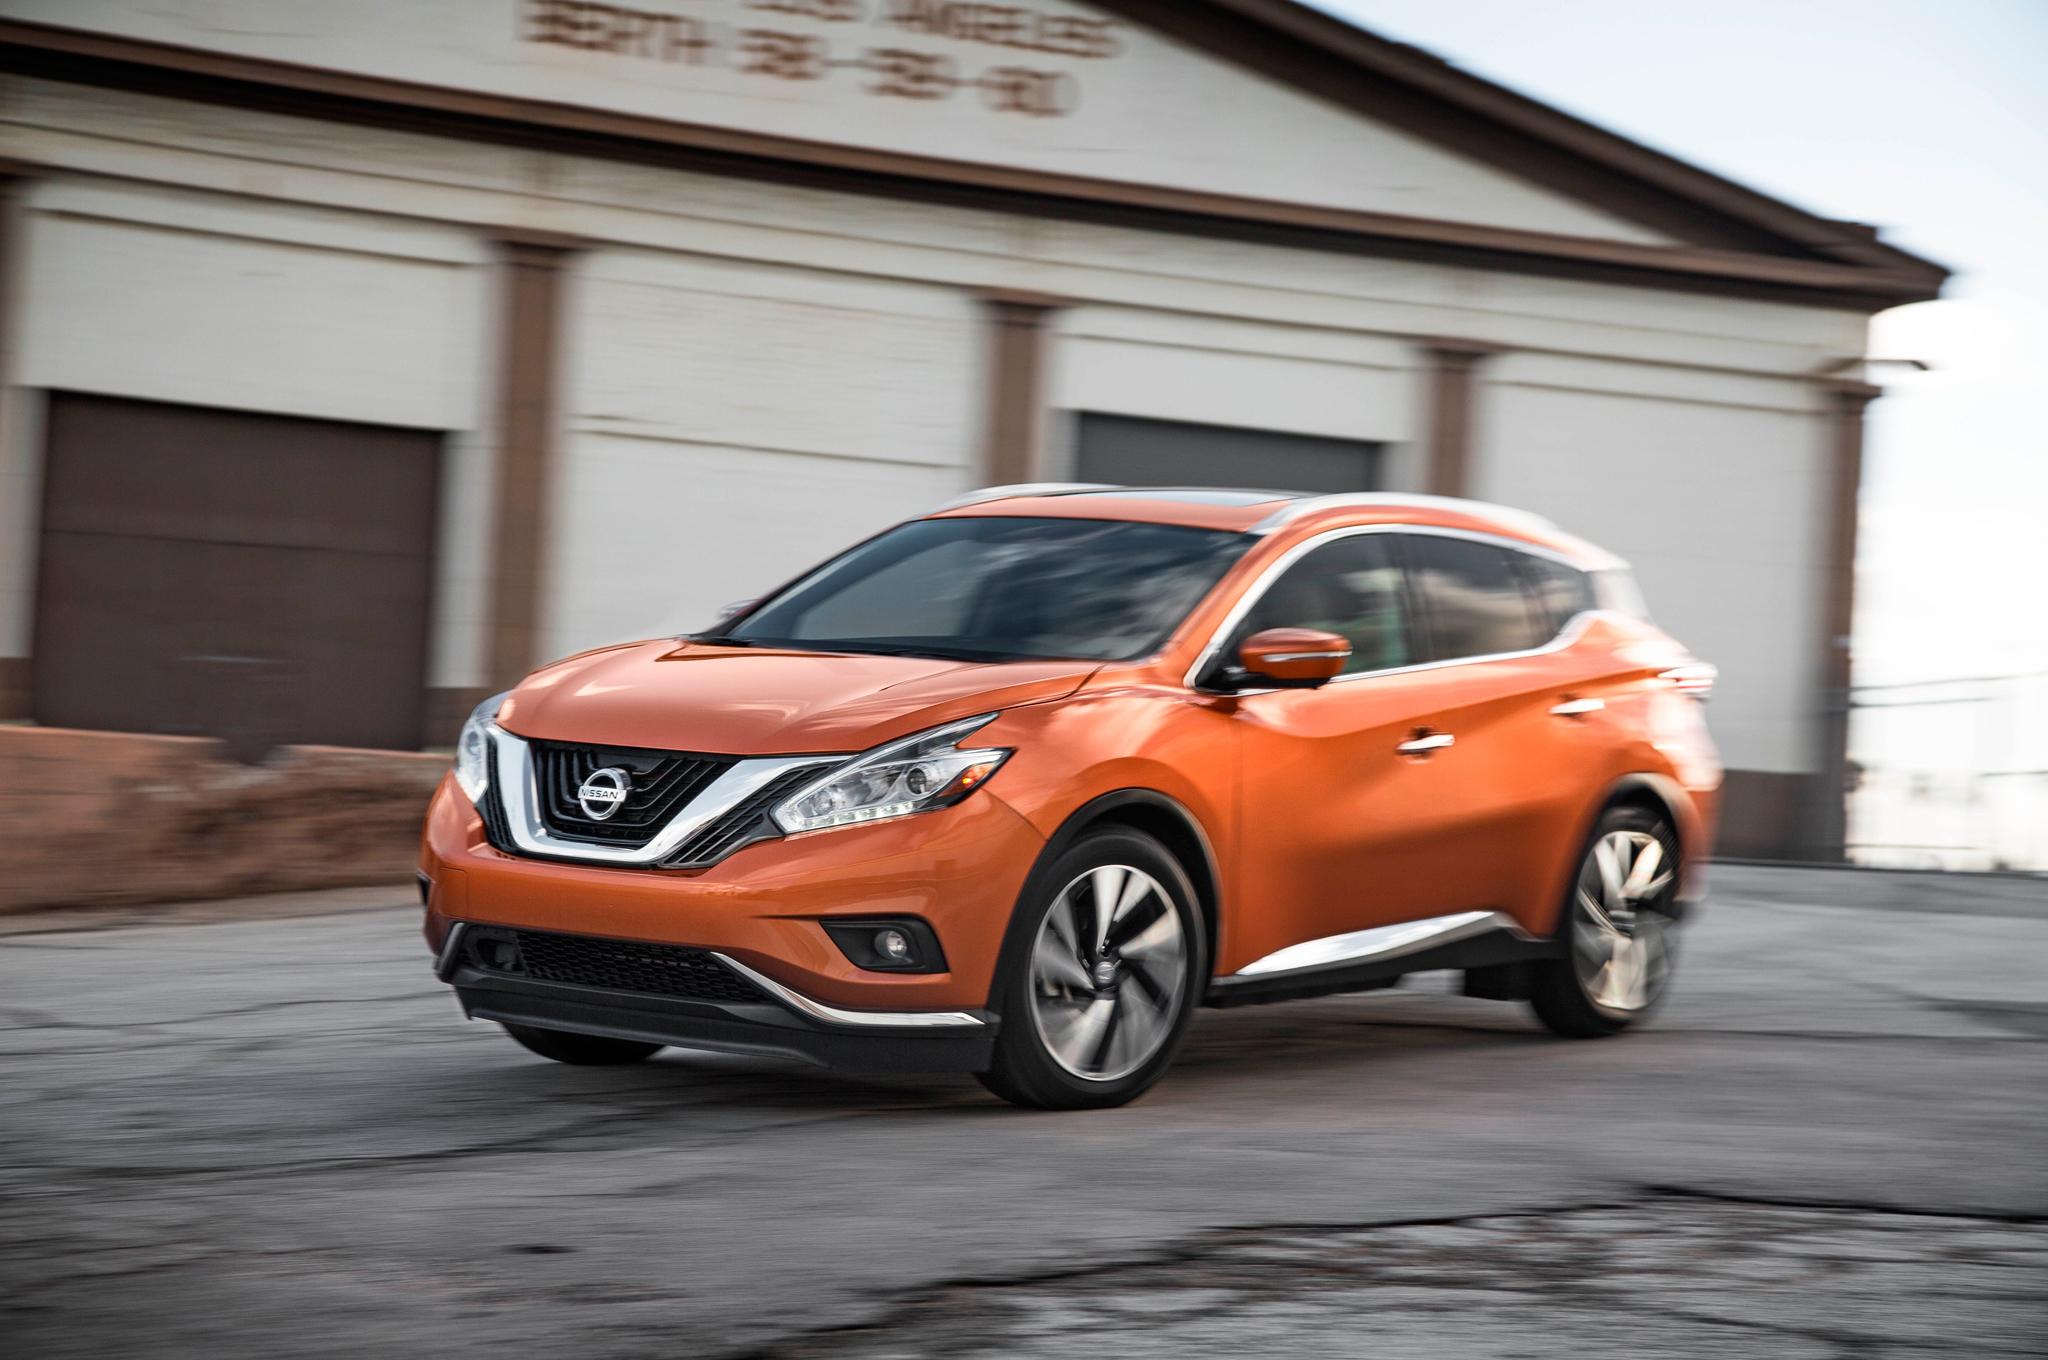 2015 Nissan Murano Performance